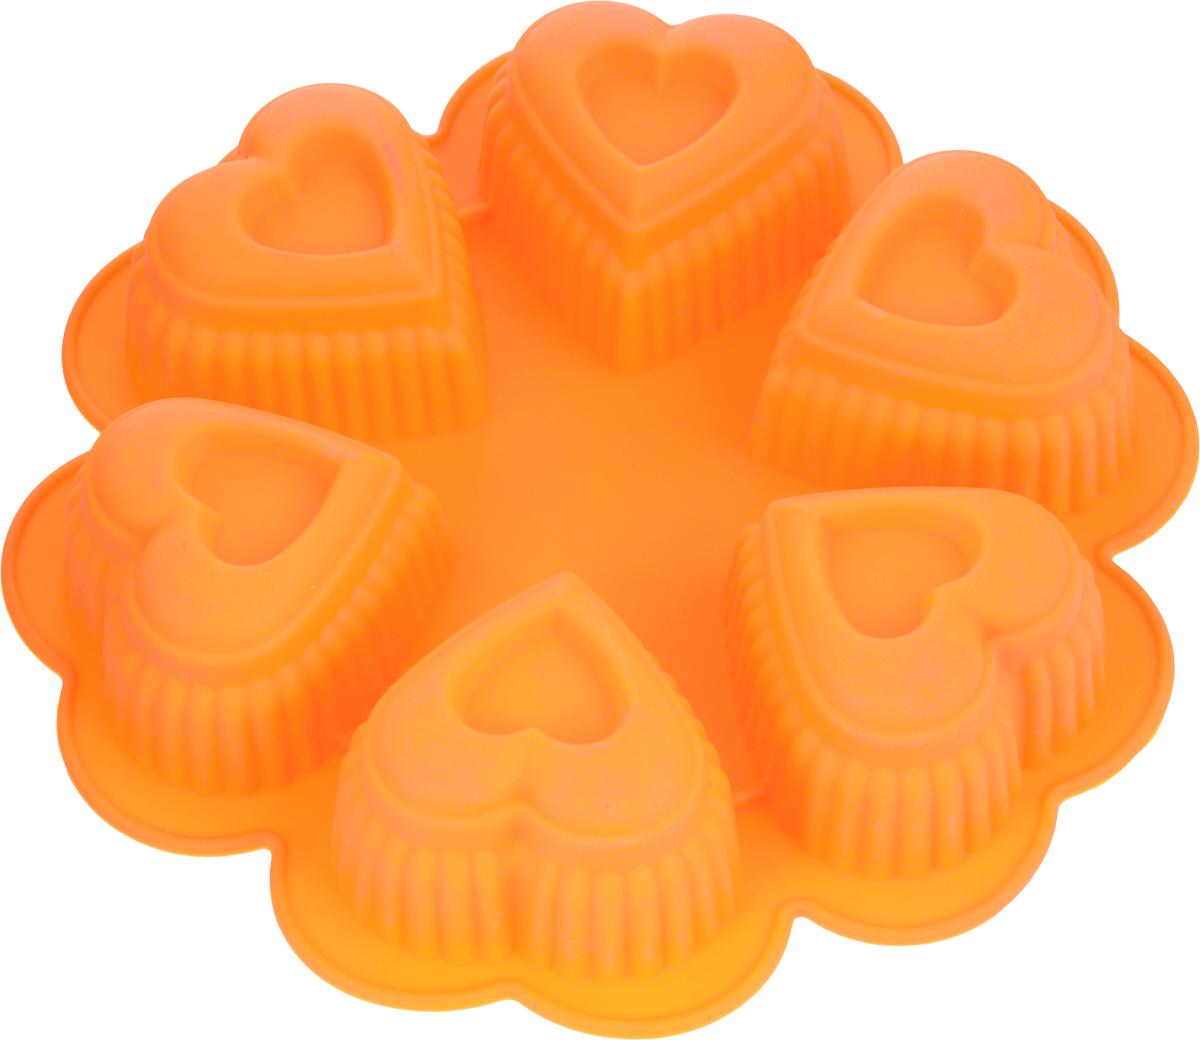 Форма для выпечки Marmiton Сердце, цвет: оранжевый, 25,5 х 25,5 х 5 см, 6 ячеек набор форм для запекания marmiton 22 х 11 5 х 6 см 5 шт